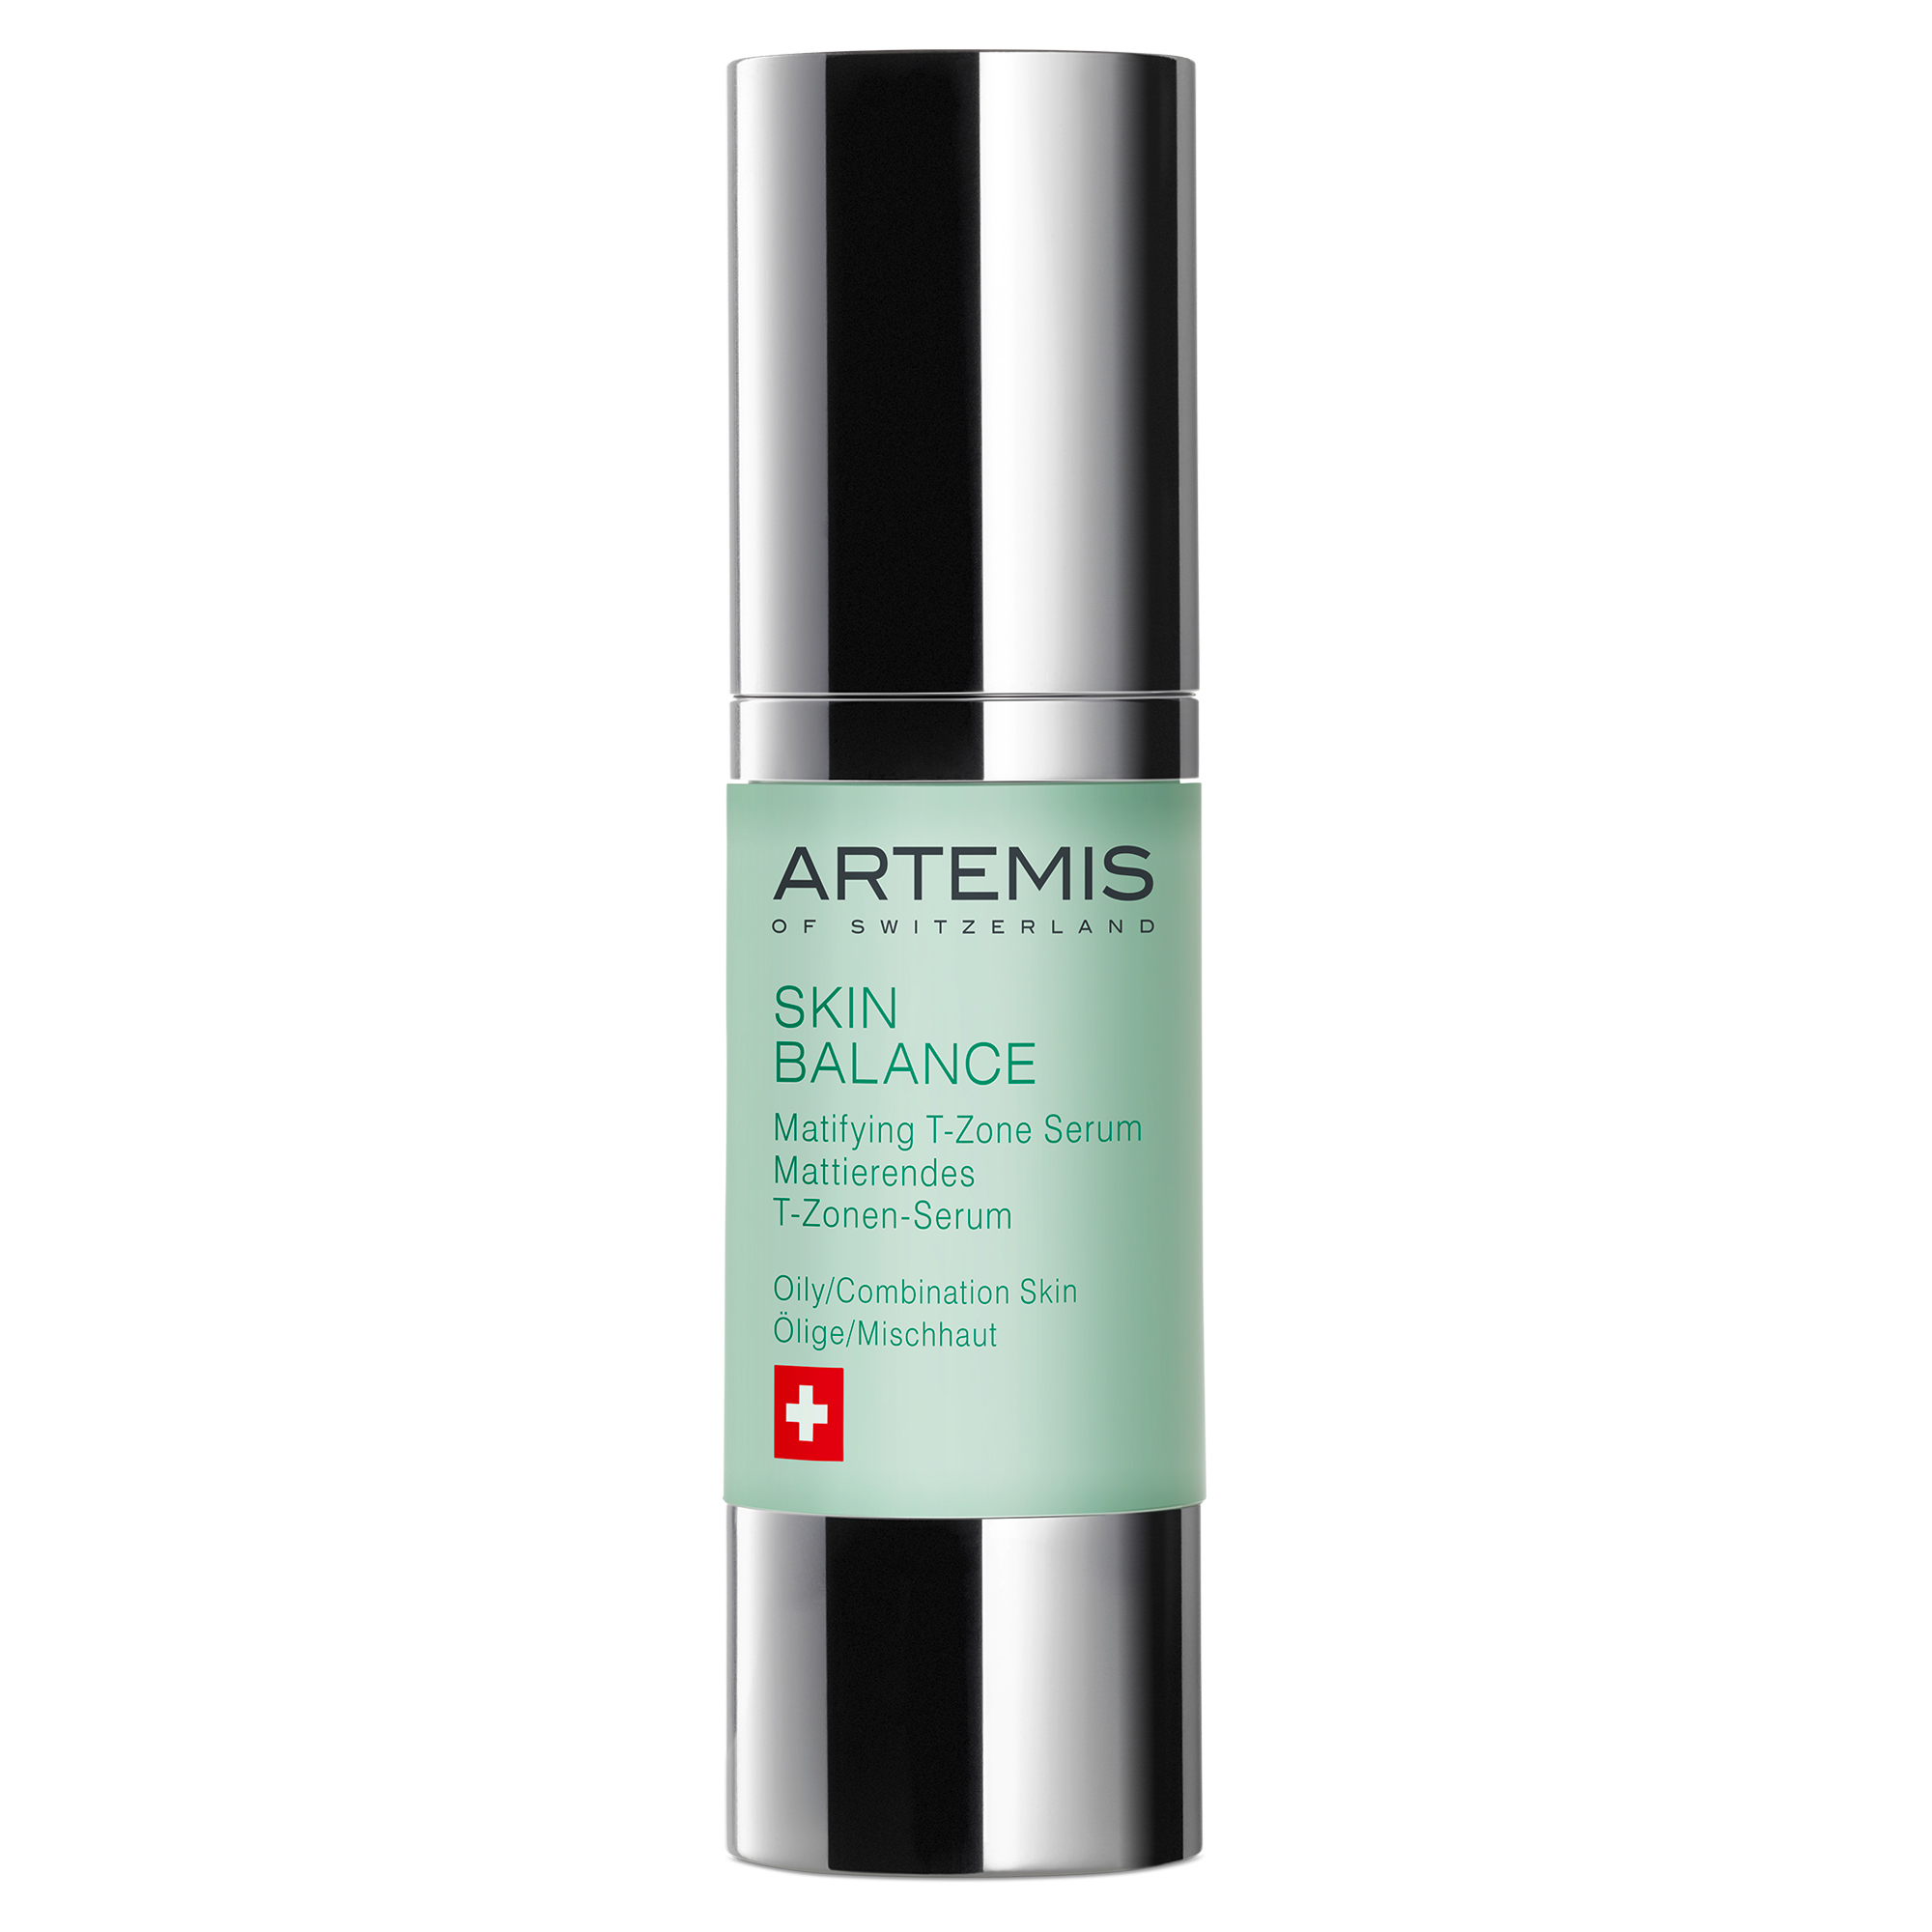 Artemis Skin Balance Matifying T-Zone Serum 30ml